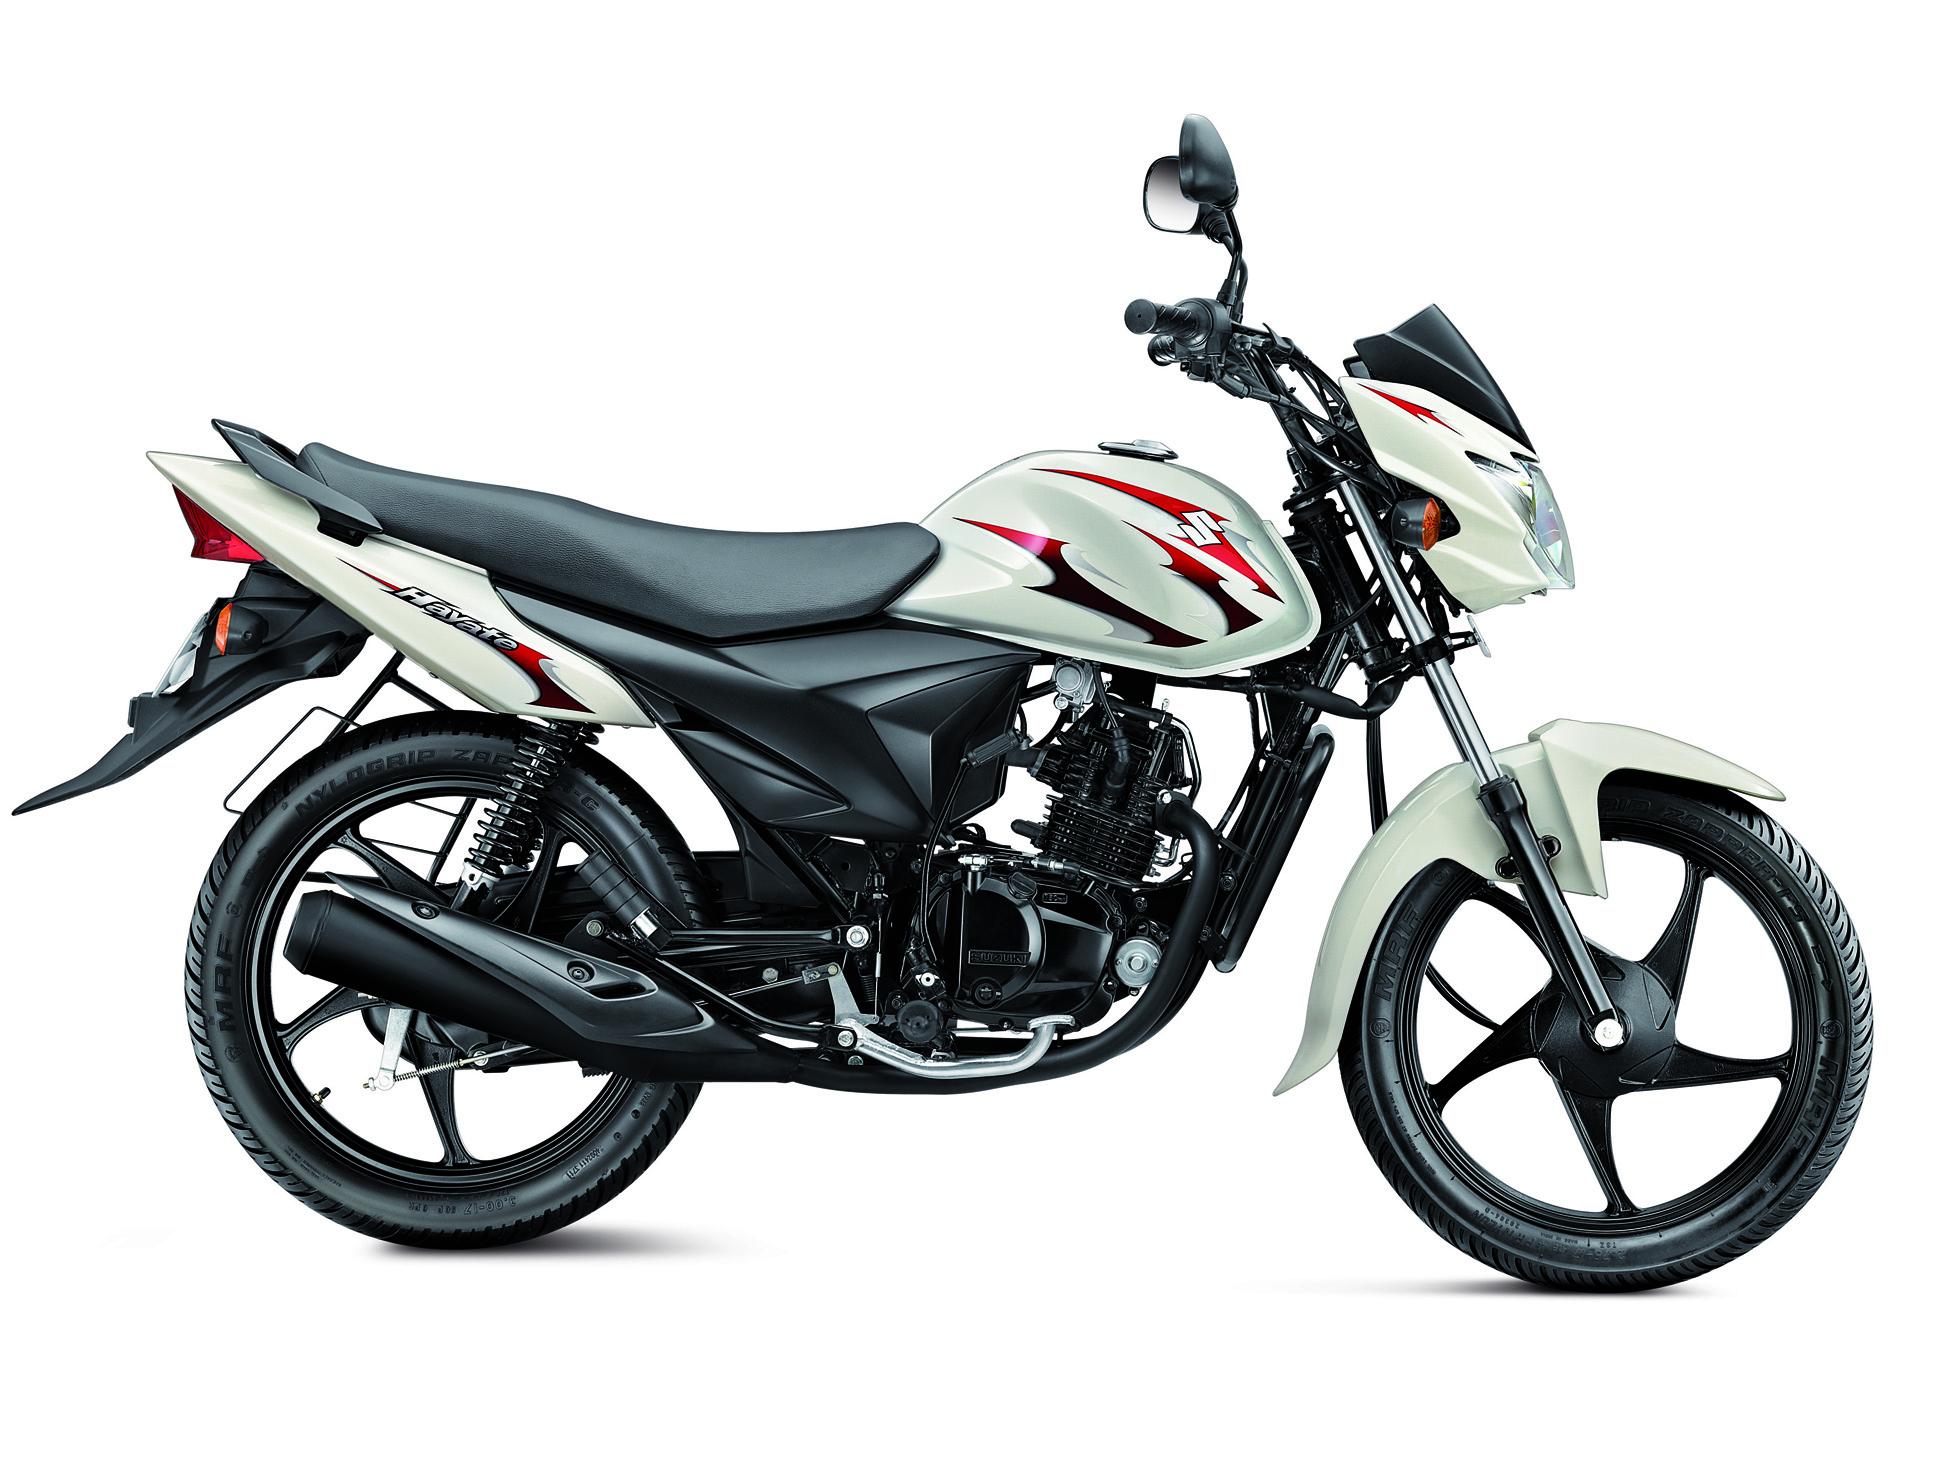 Suzuki Hayate Gallery Bike Gallery Bikes Up To 110cc